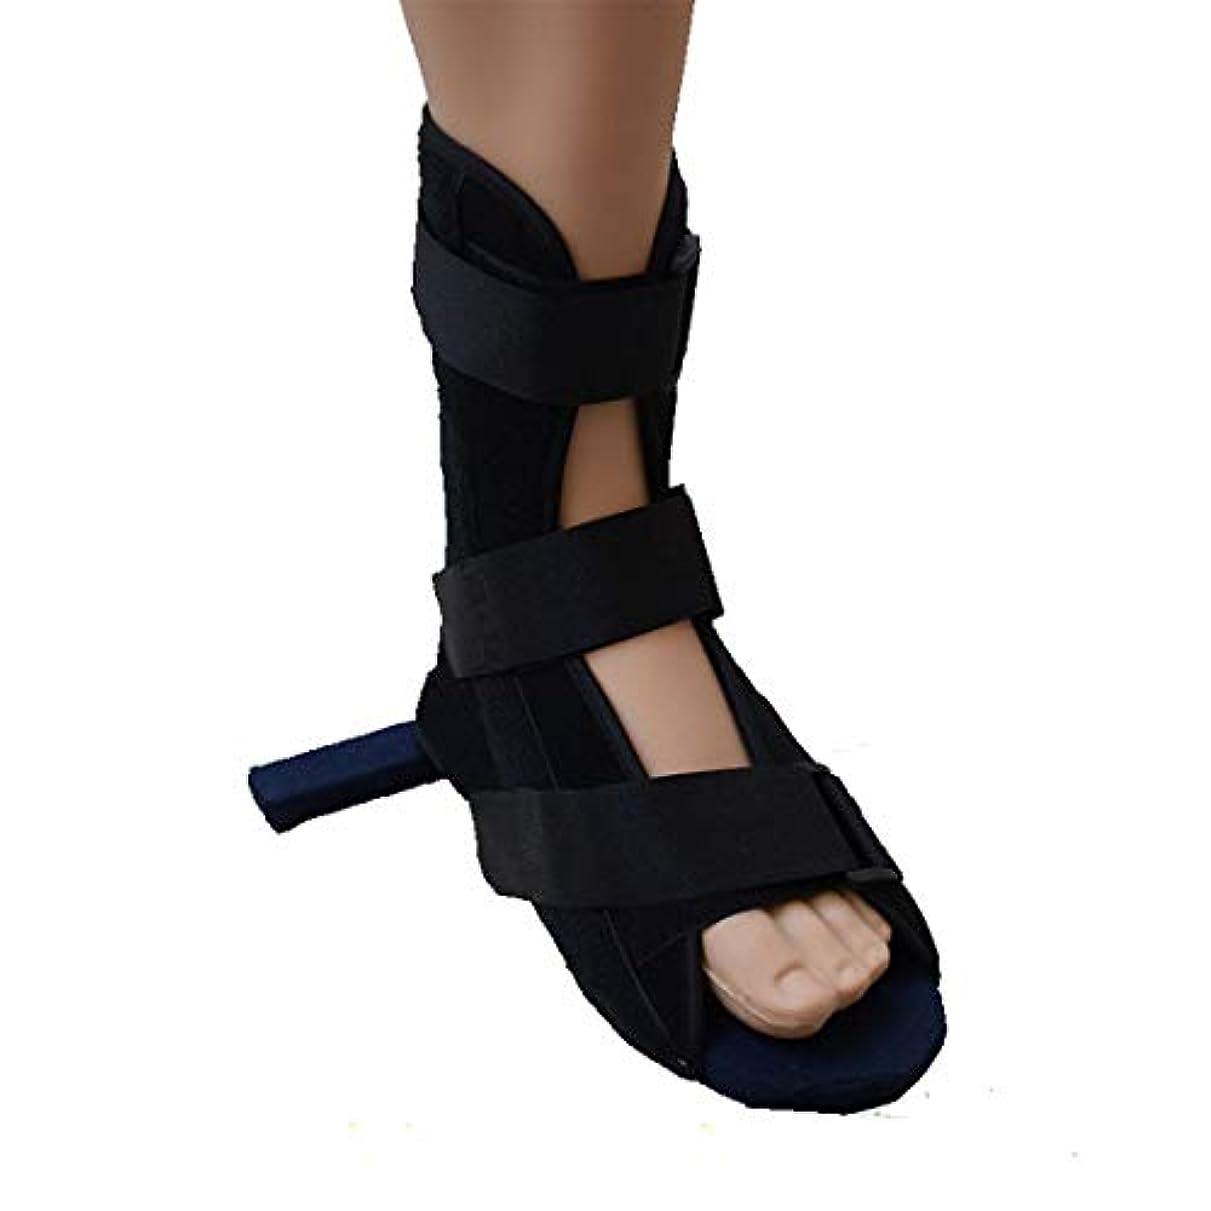 子羊インペリアル首尾一貫した医療足骨折石膏の回復靴の手術後のつま先の靴を安定化骨折の靴を調整可能なファスナーで完全なカバー,M